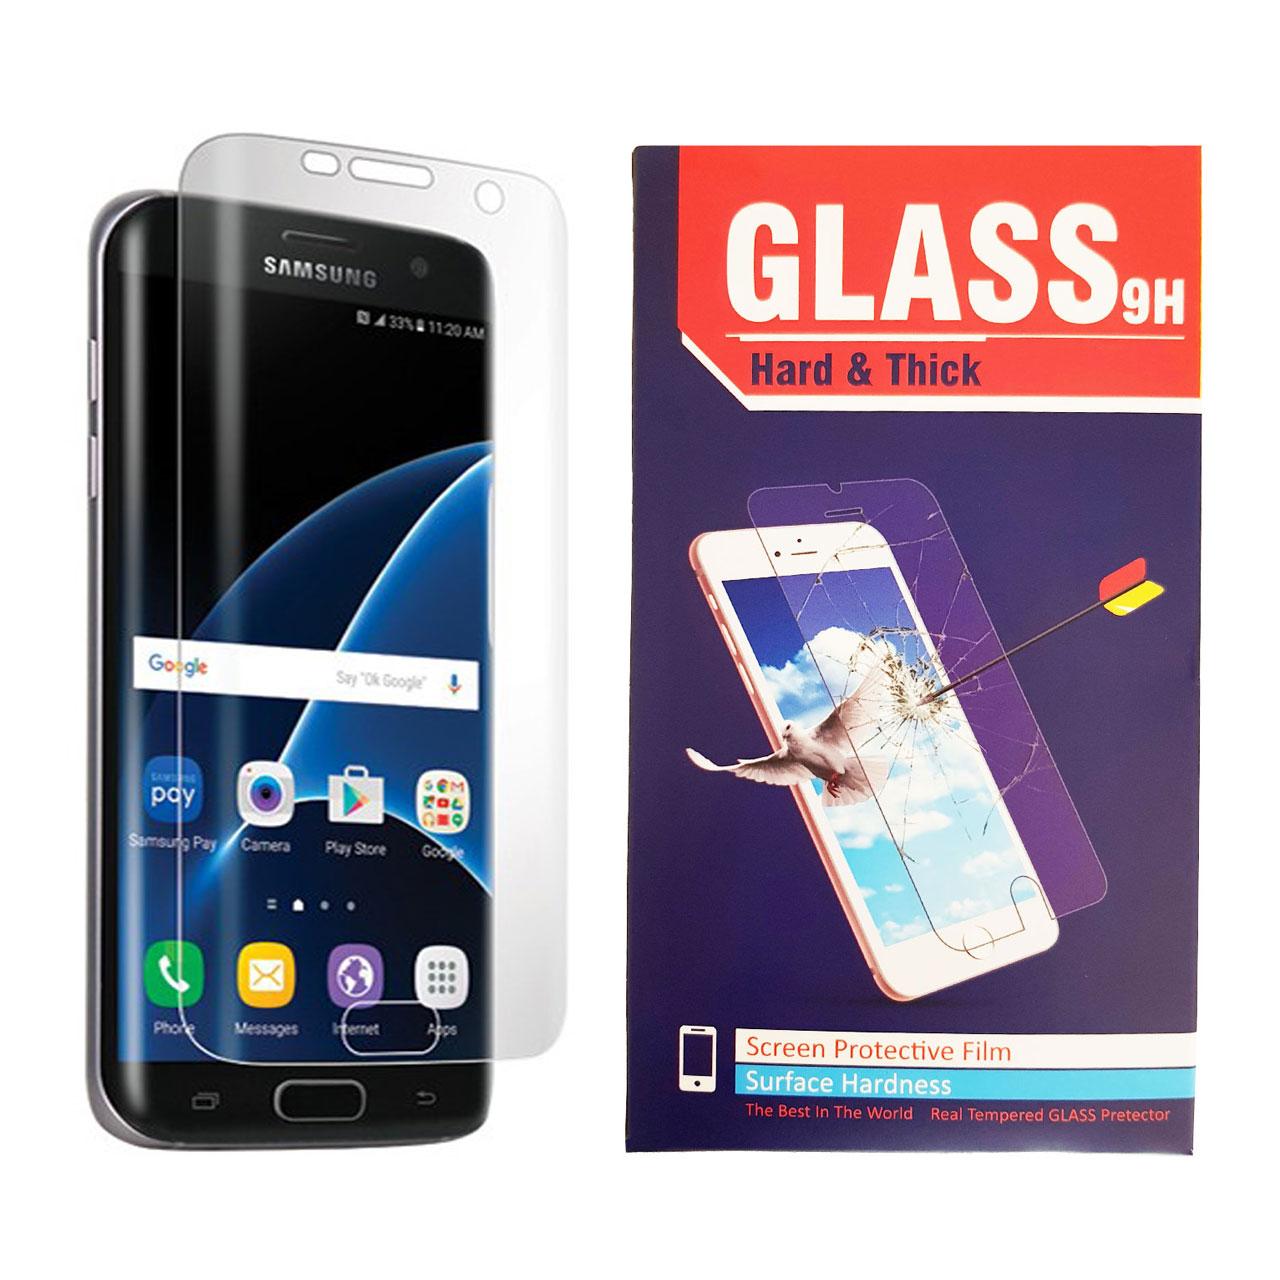 محافظ صفحه نمایش تی پی یو Hard and thick مدل TPU Full Cover مناسب برای گوشی موبایل سامسونگ GALAXY S7 Edge